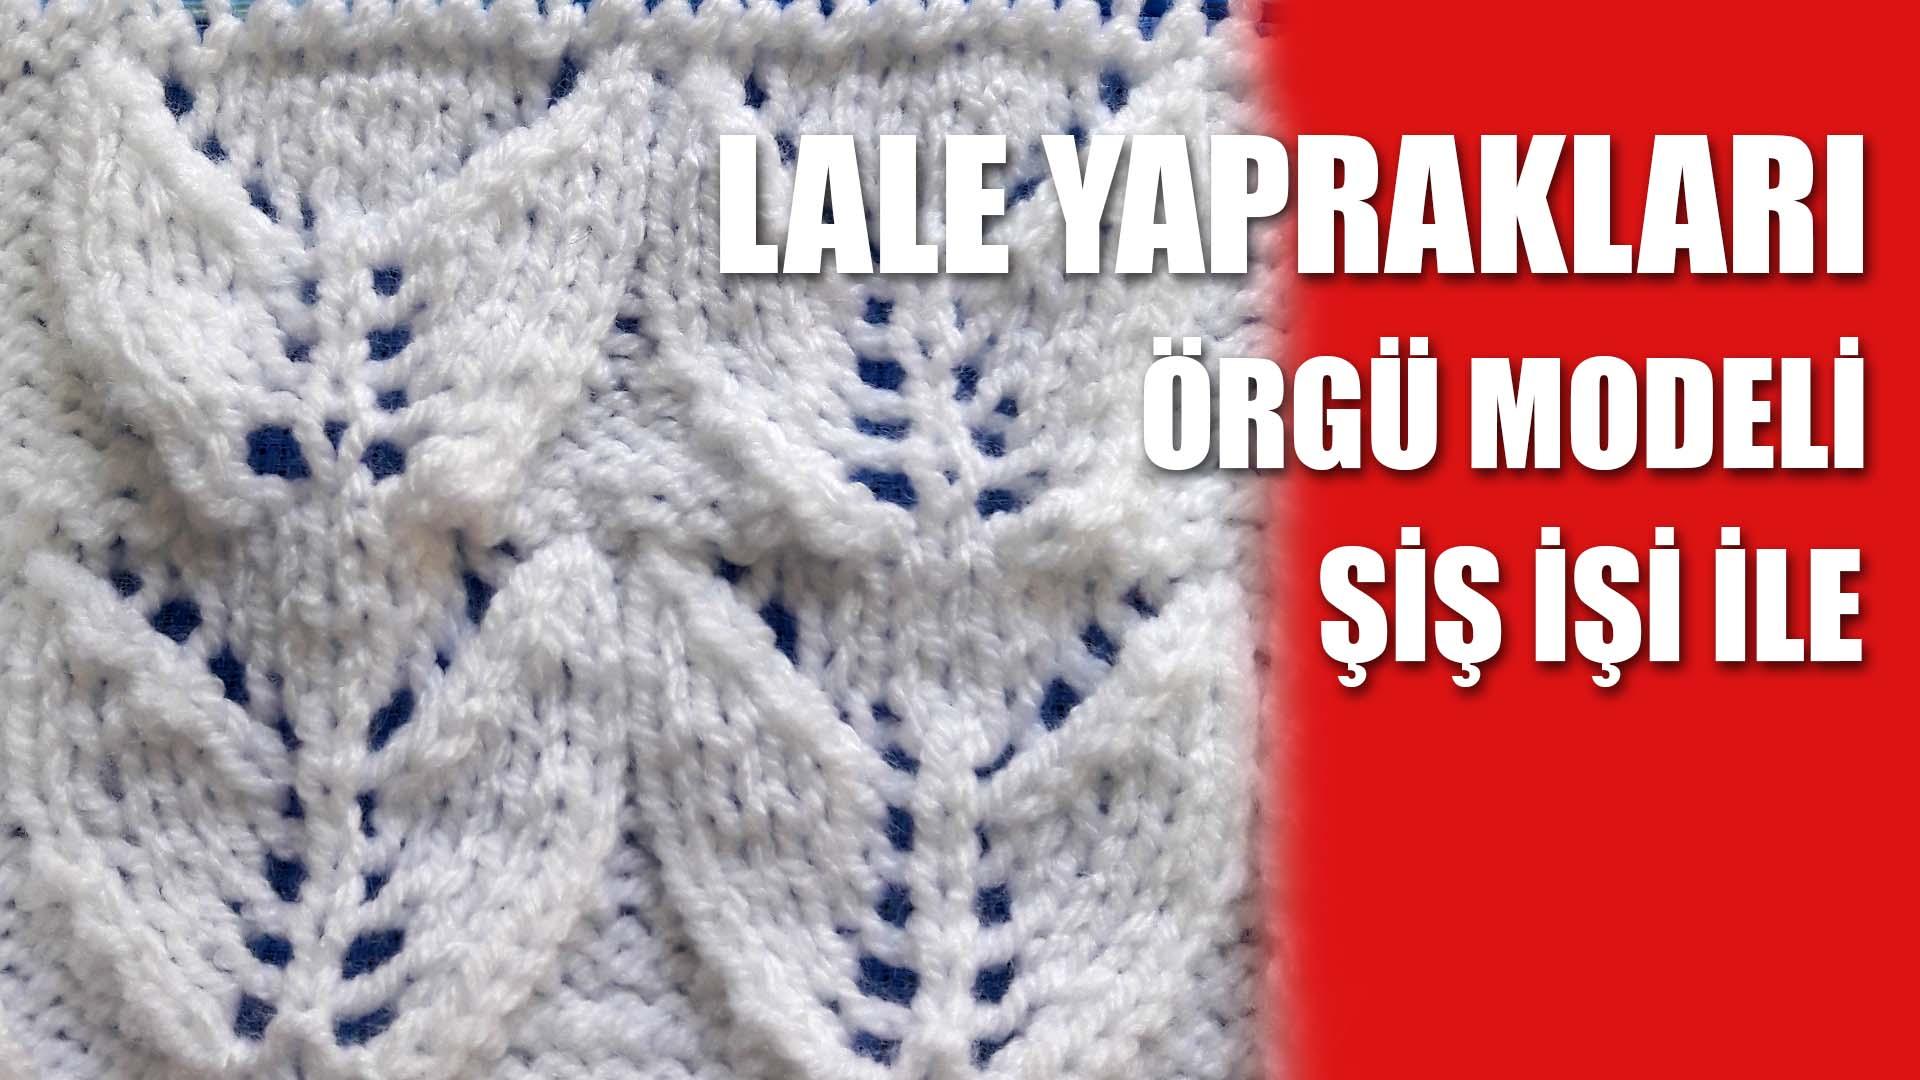 lale-yapraklari-orgu-modeli